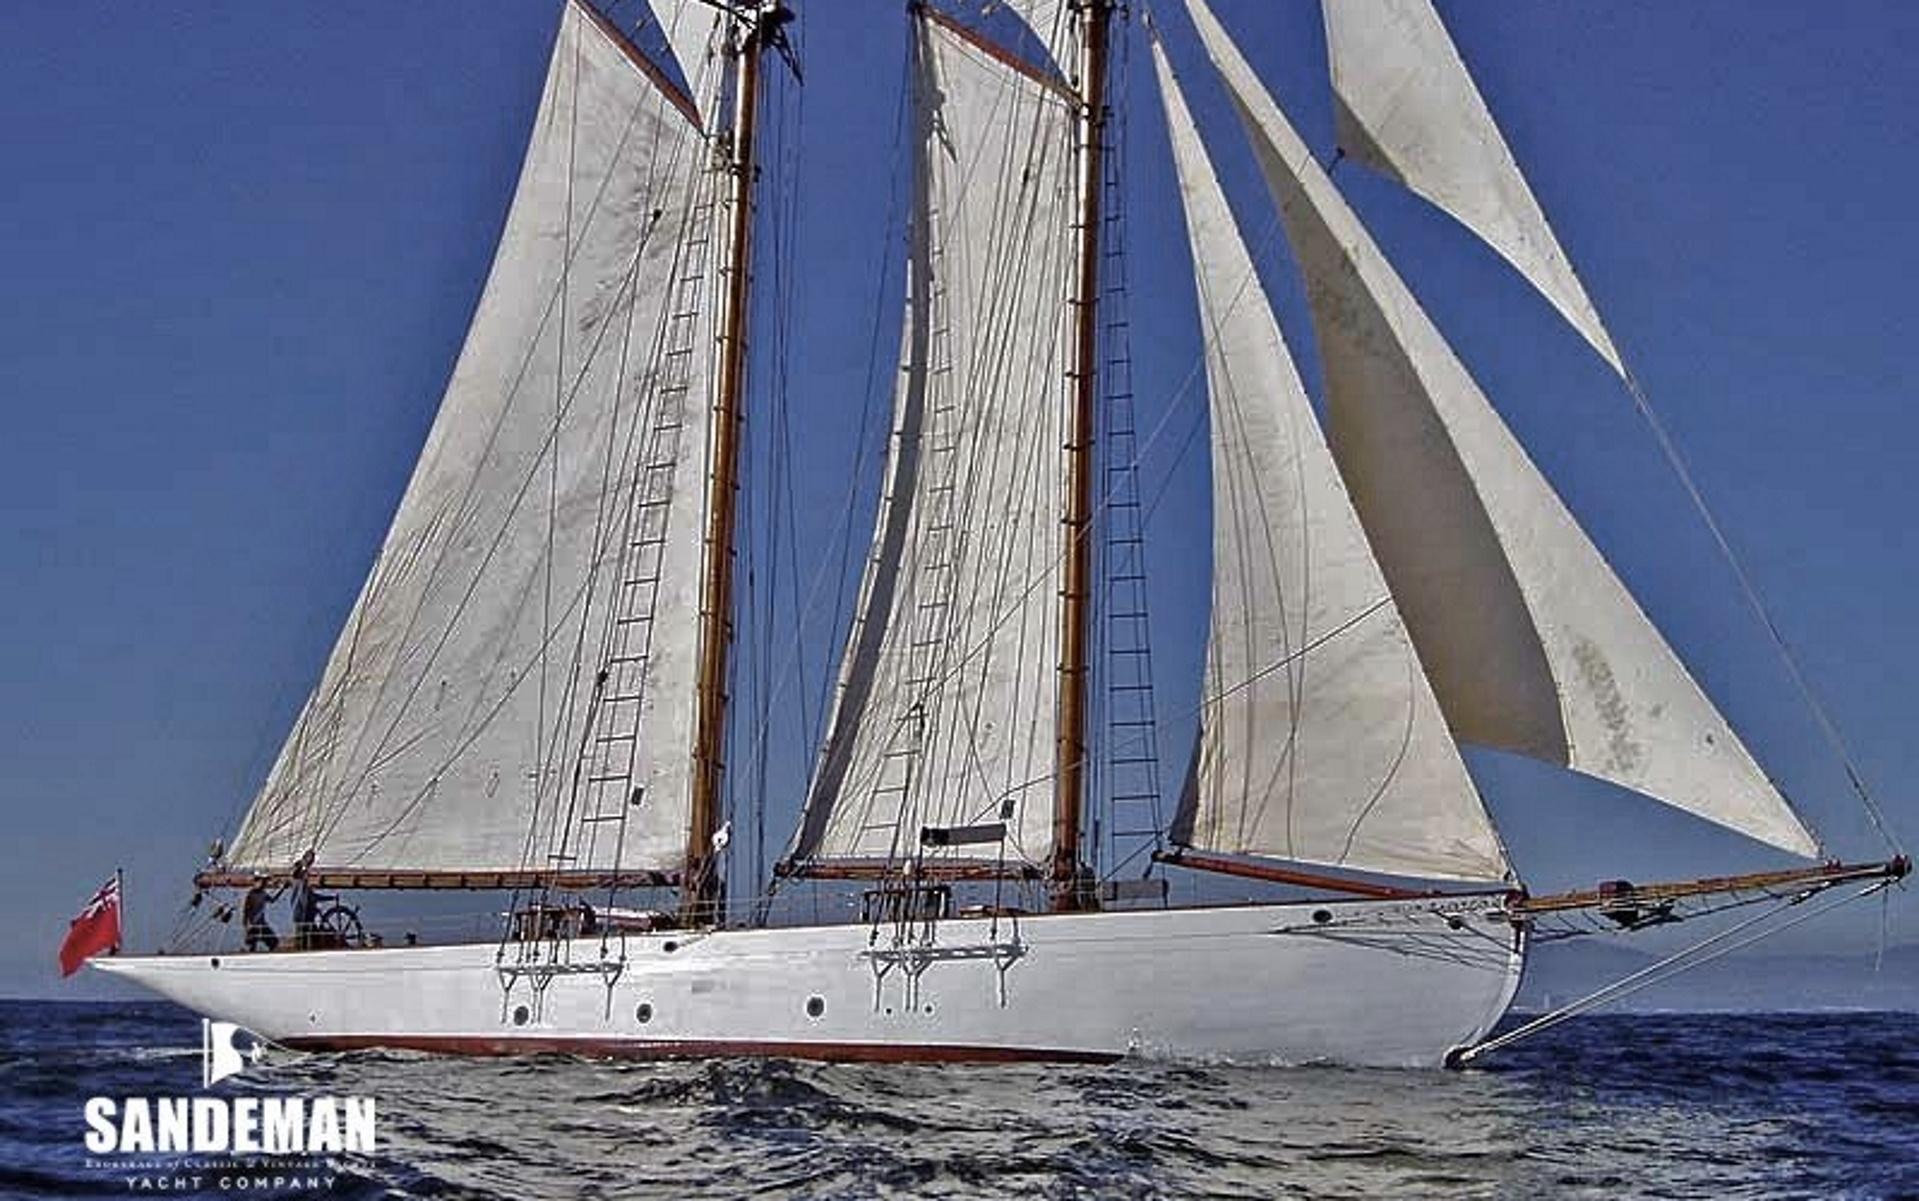 Τεράστιας αξίας το σκάφος του Σκωτσέζου αριστοκράτη που βυθίστηκε με αυτόν στη Σούδα (pics)